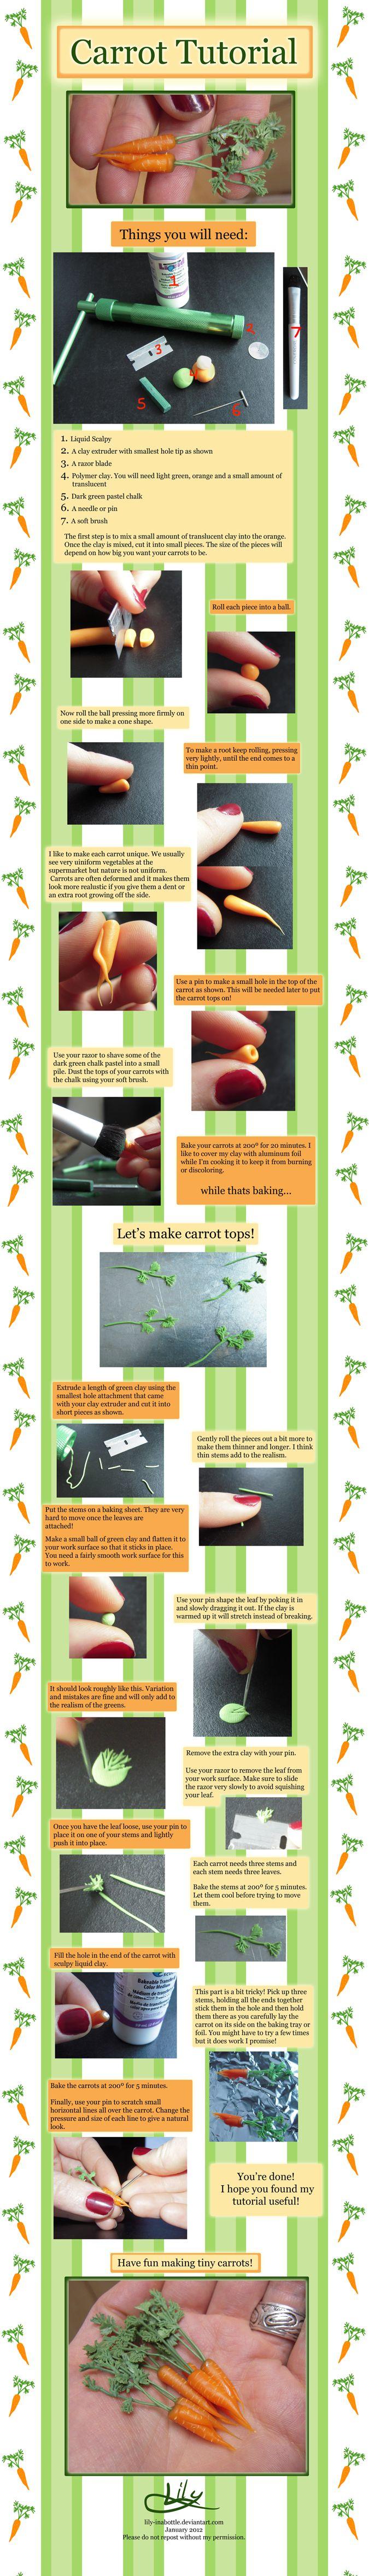 Turorial : How to make a carrot in polymer clay / Tutoriel : Réaliser une carotte réaliste en pâte polymère (cliquez sur l'image pour agrandir)